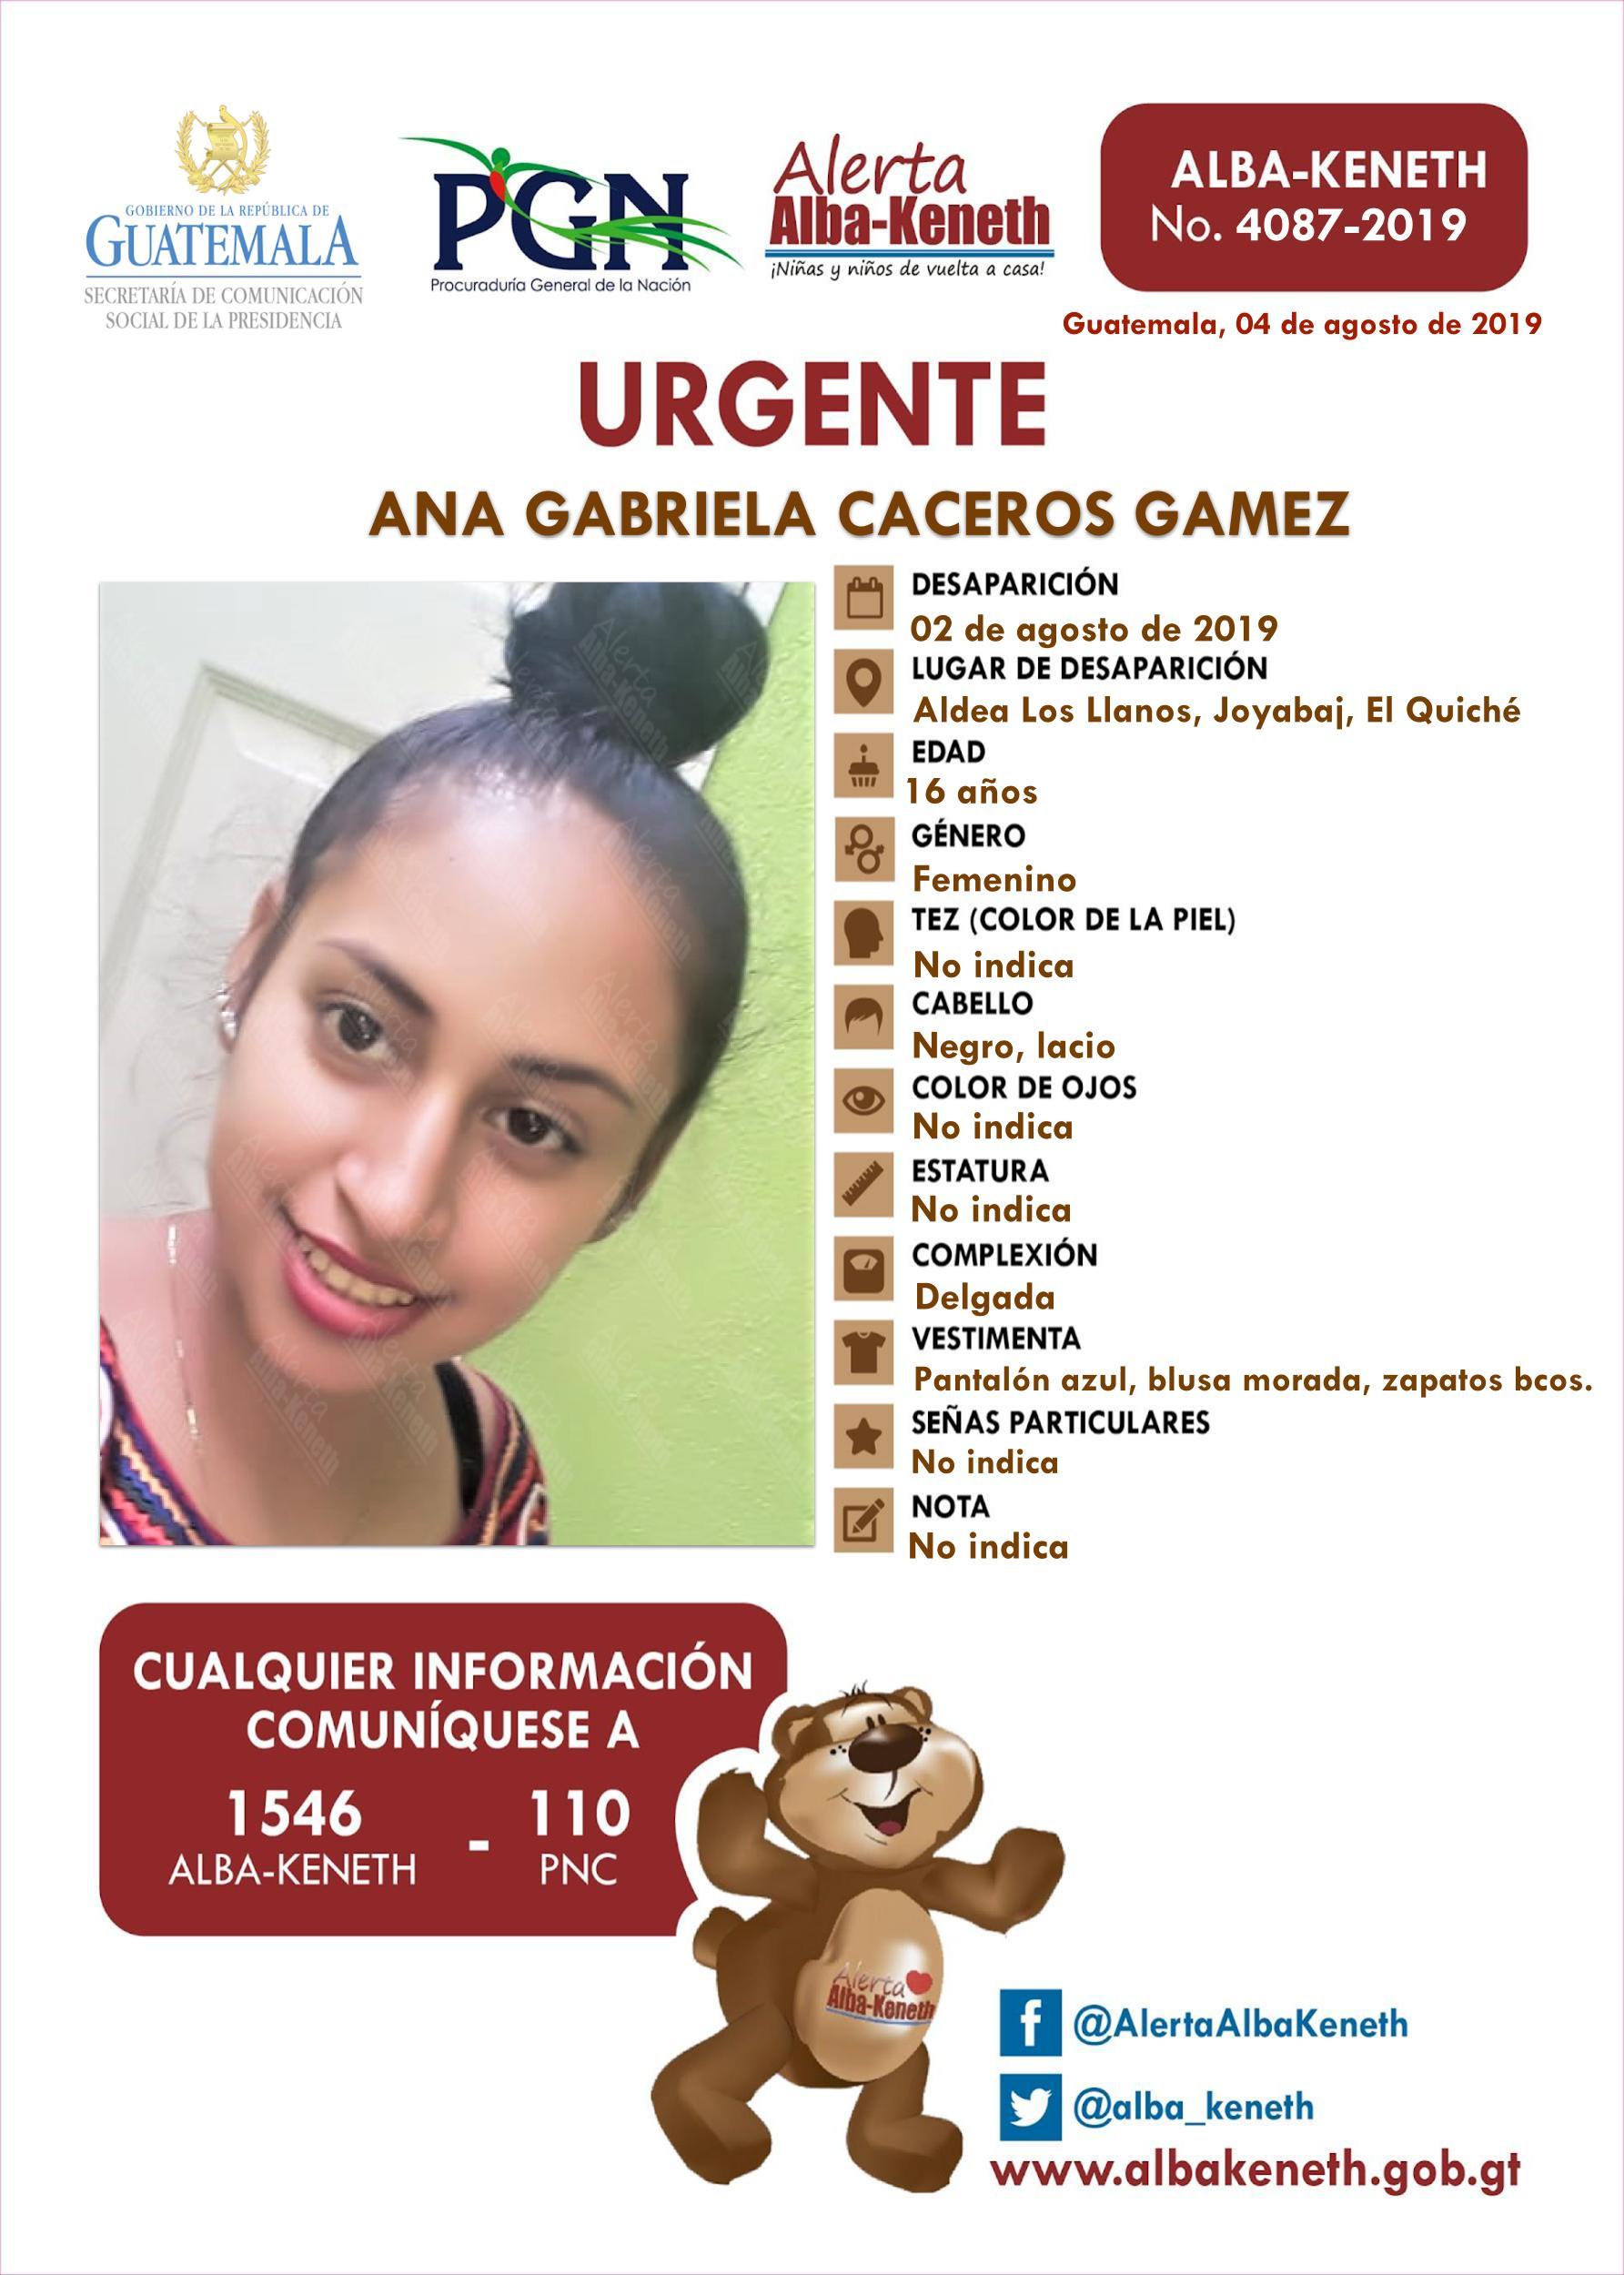 Ana Gabriela Caceros Gamez